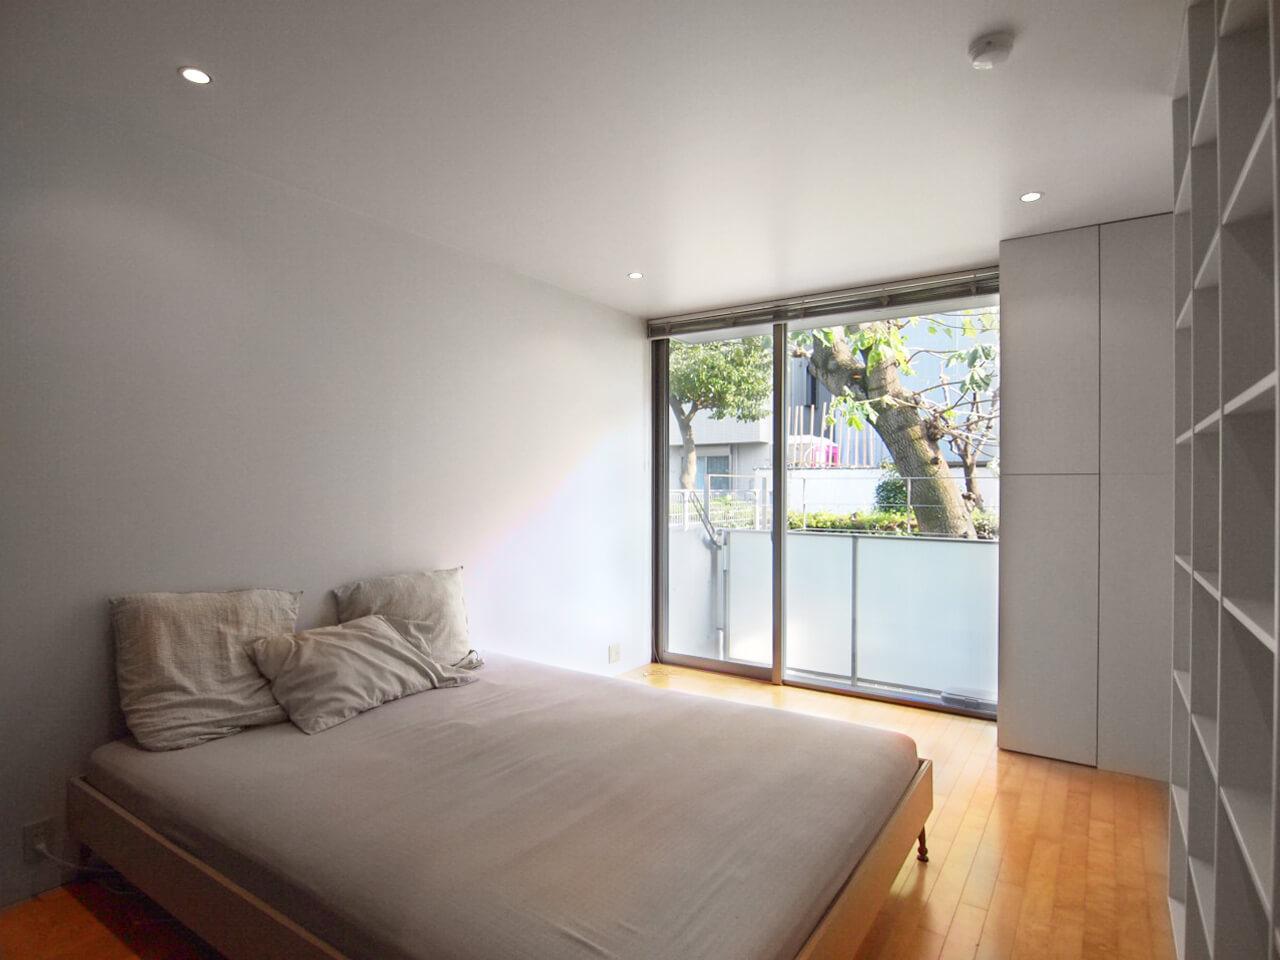 1階寝室。緑道に面し、窓から大きな木が見え、穏やかな眺めが楽しめる